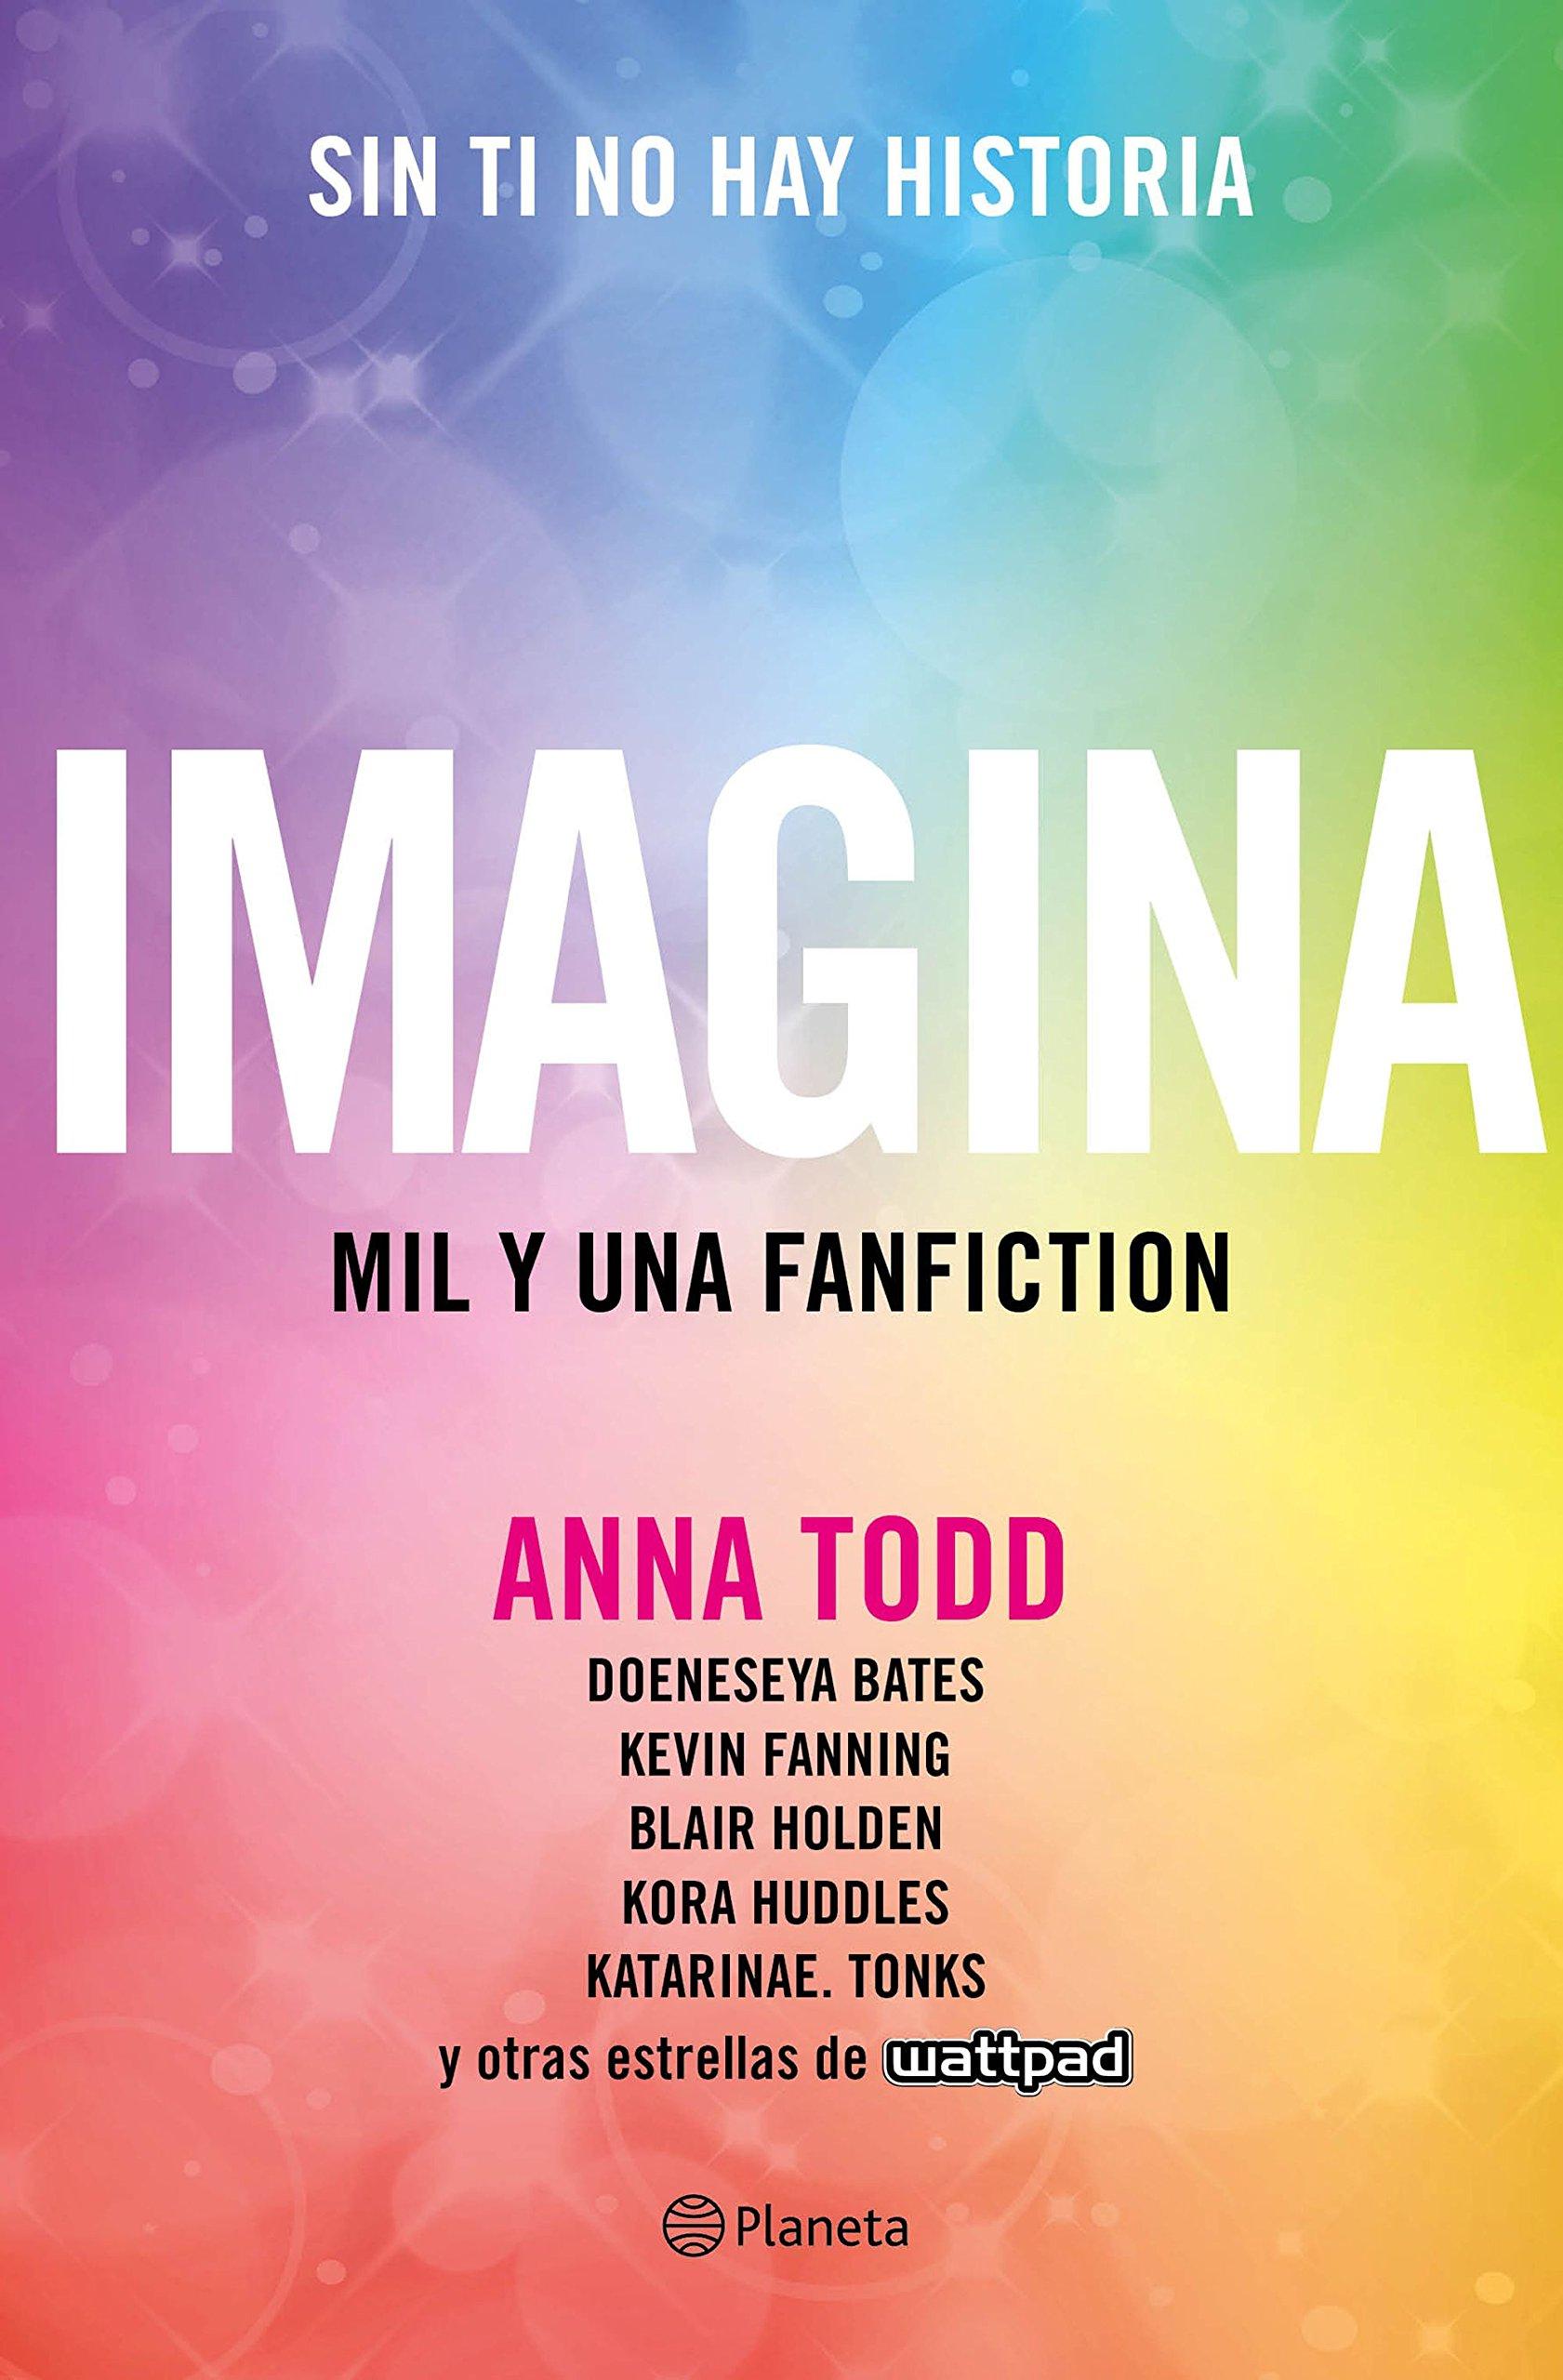 Imagina (Planeta Internacional): Amazon.es: Anna Todd, Traducciones Imposibles S. L.: Libros